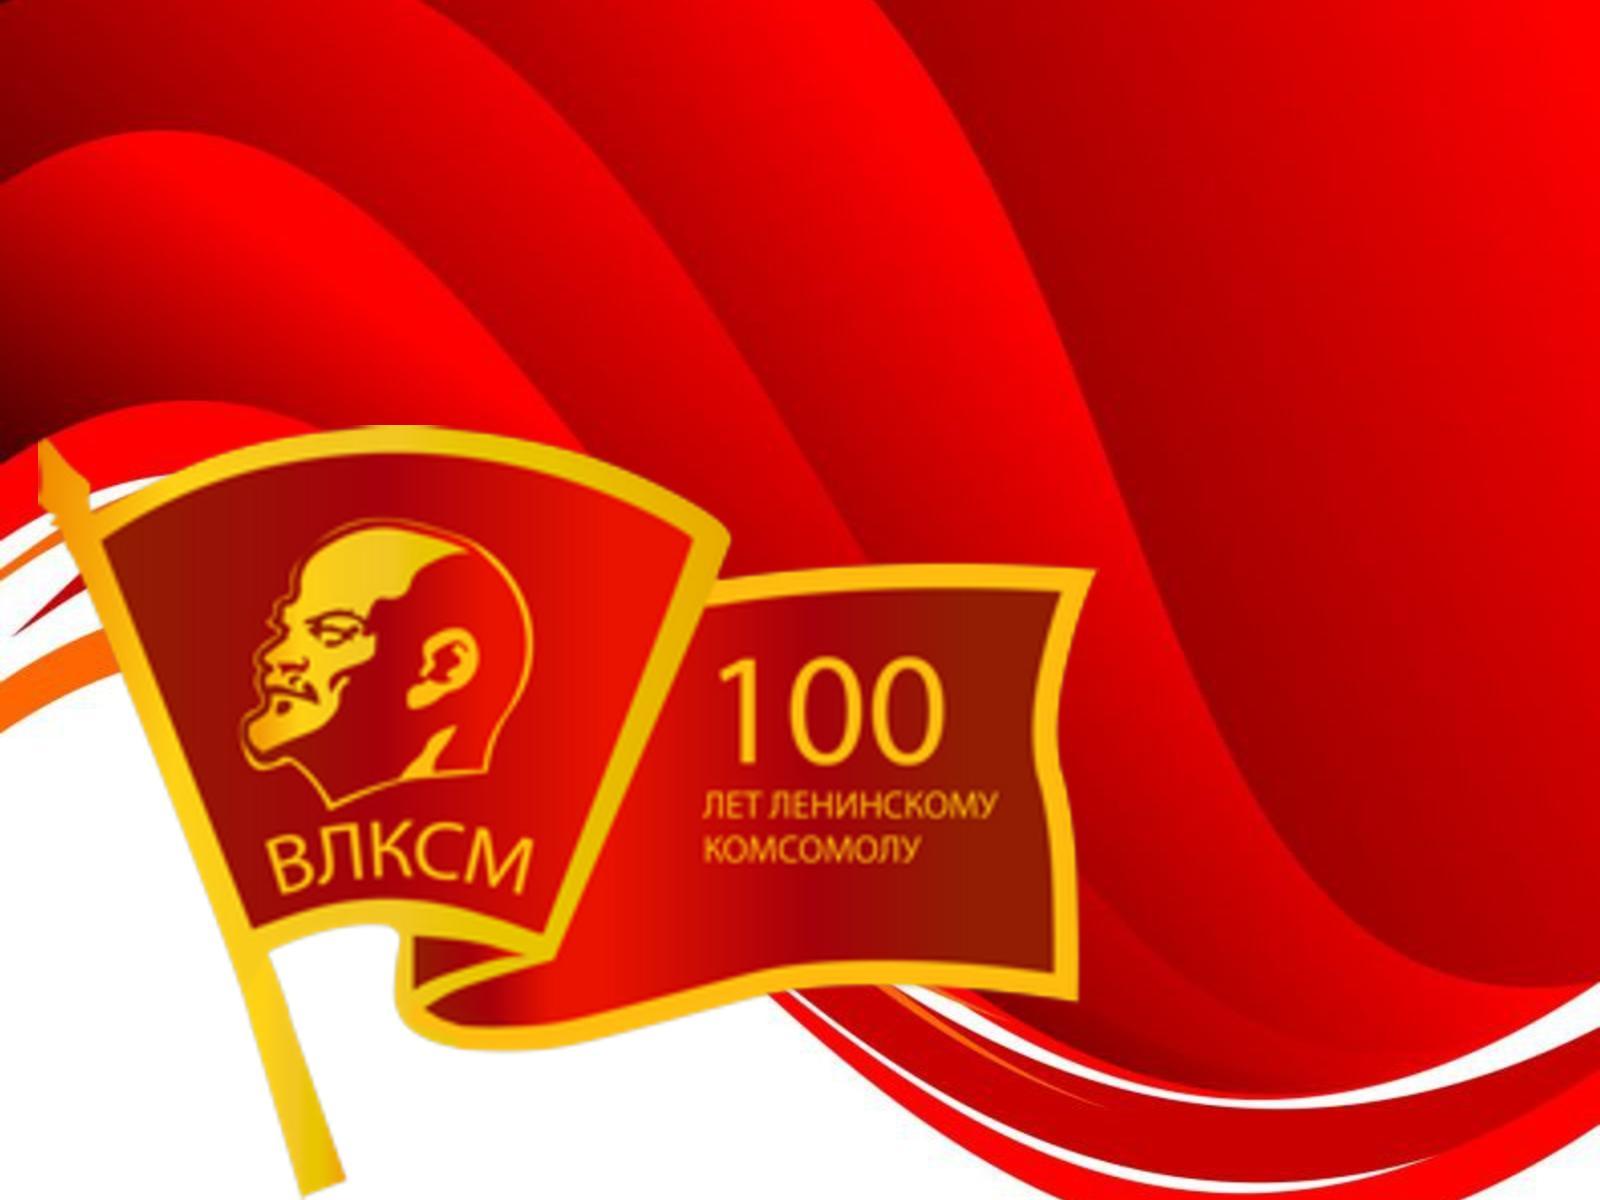 Открытки, открытки к 100 летию комсомола